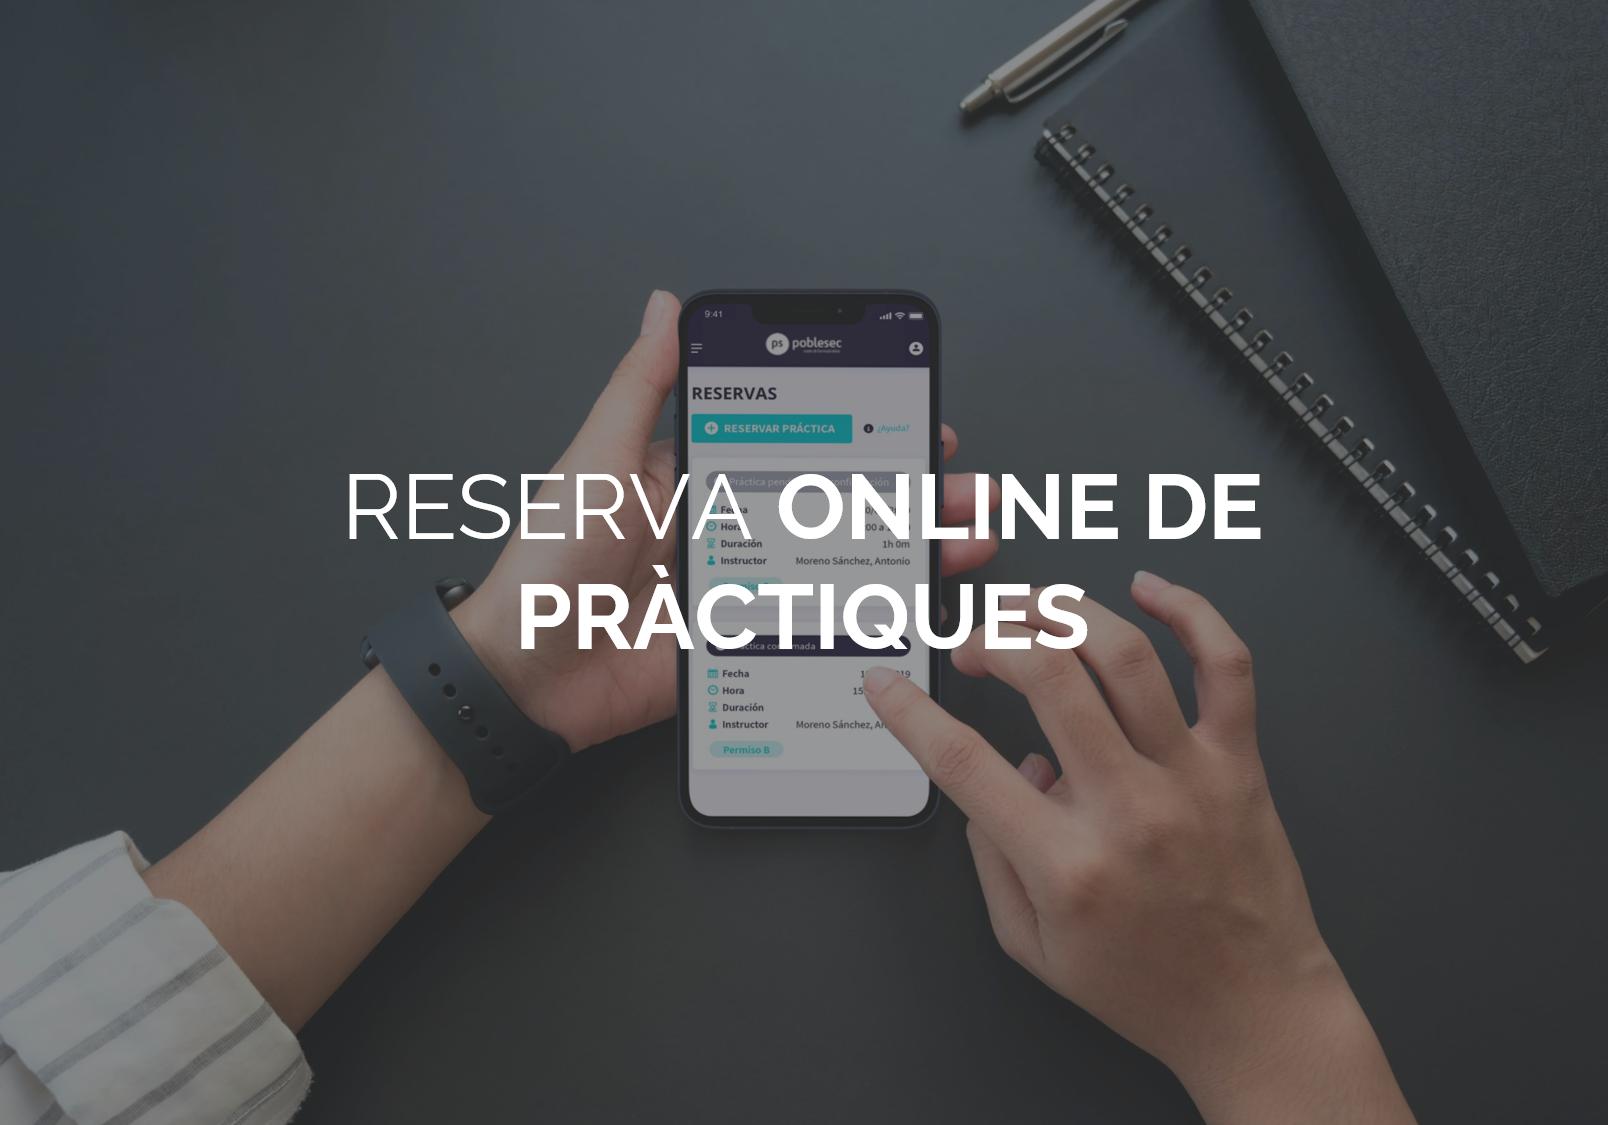 Reserva Online Practiques